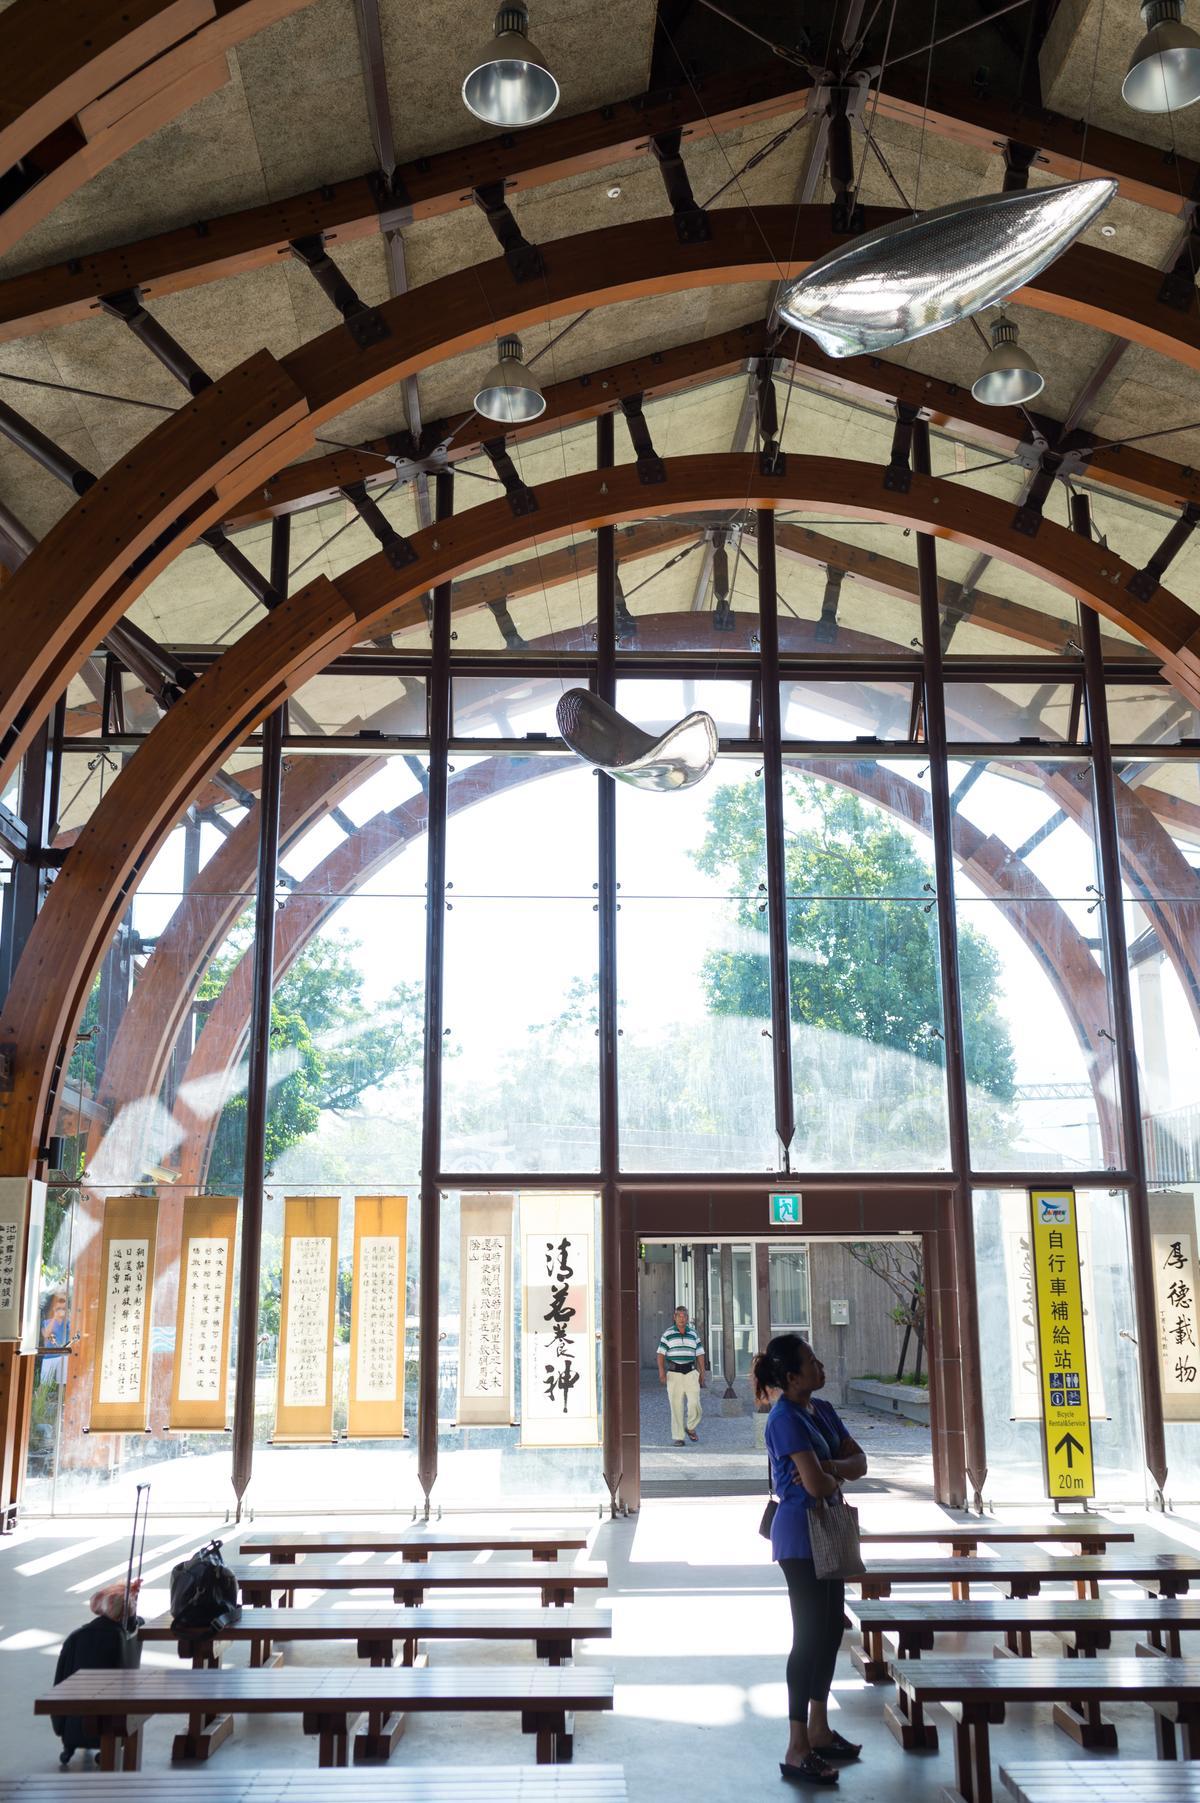 池上車站以當代穀倉為意象,空間散落藝術作品。